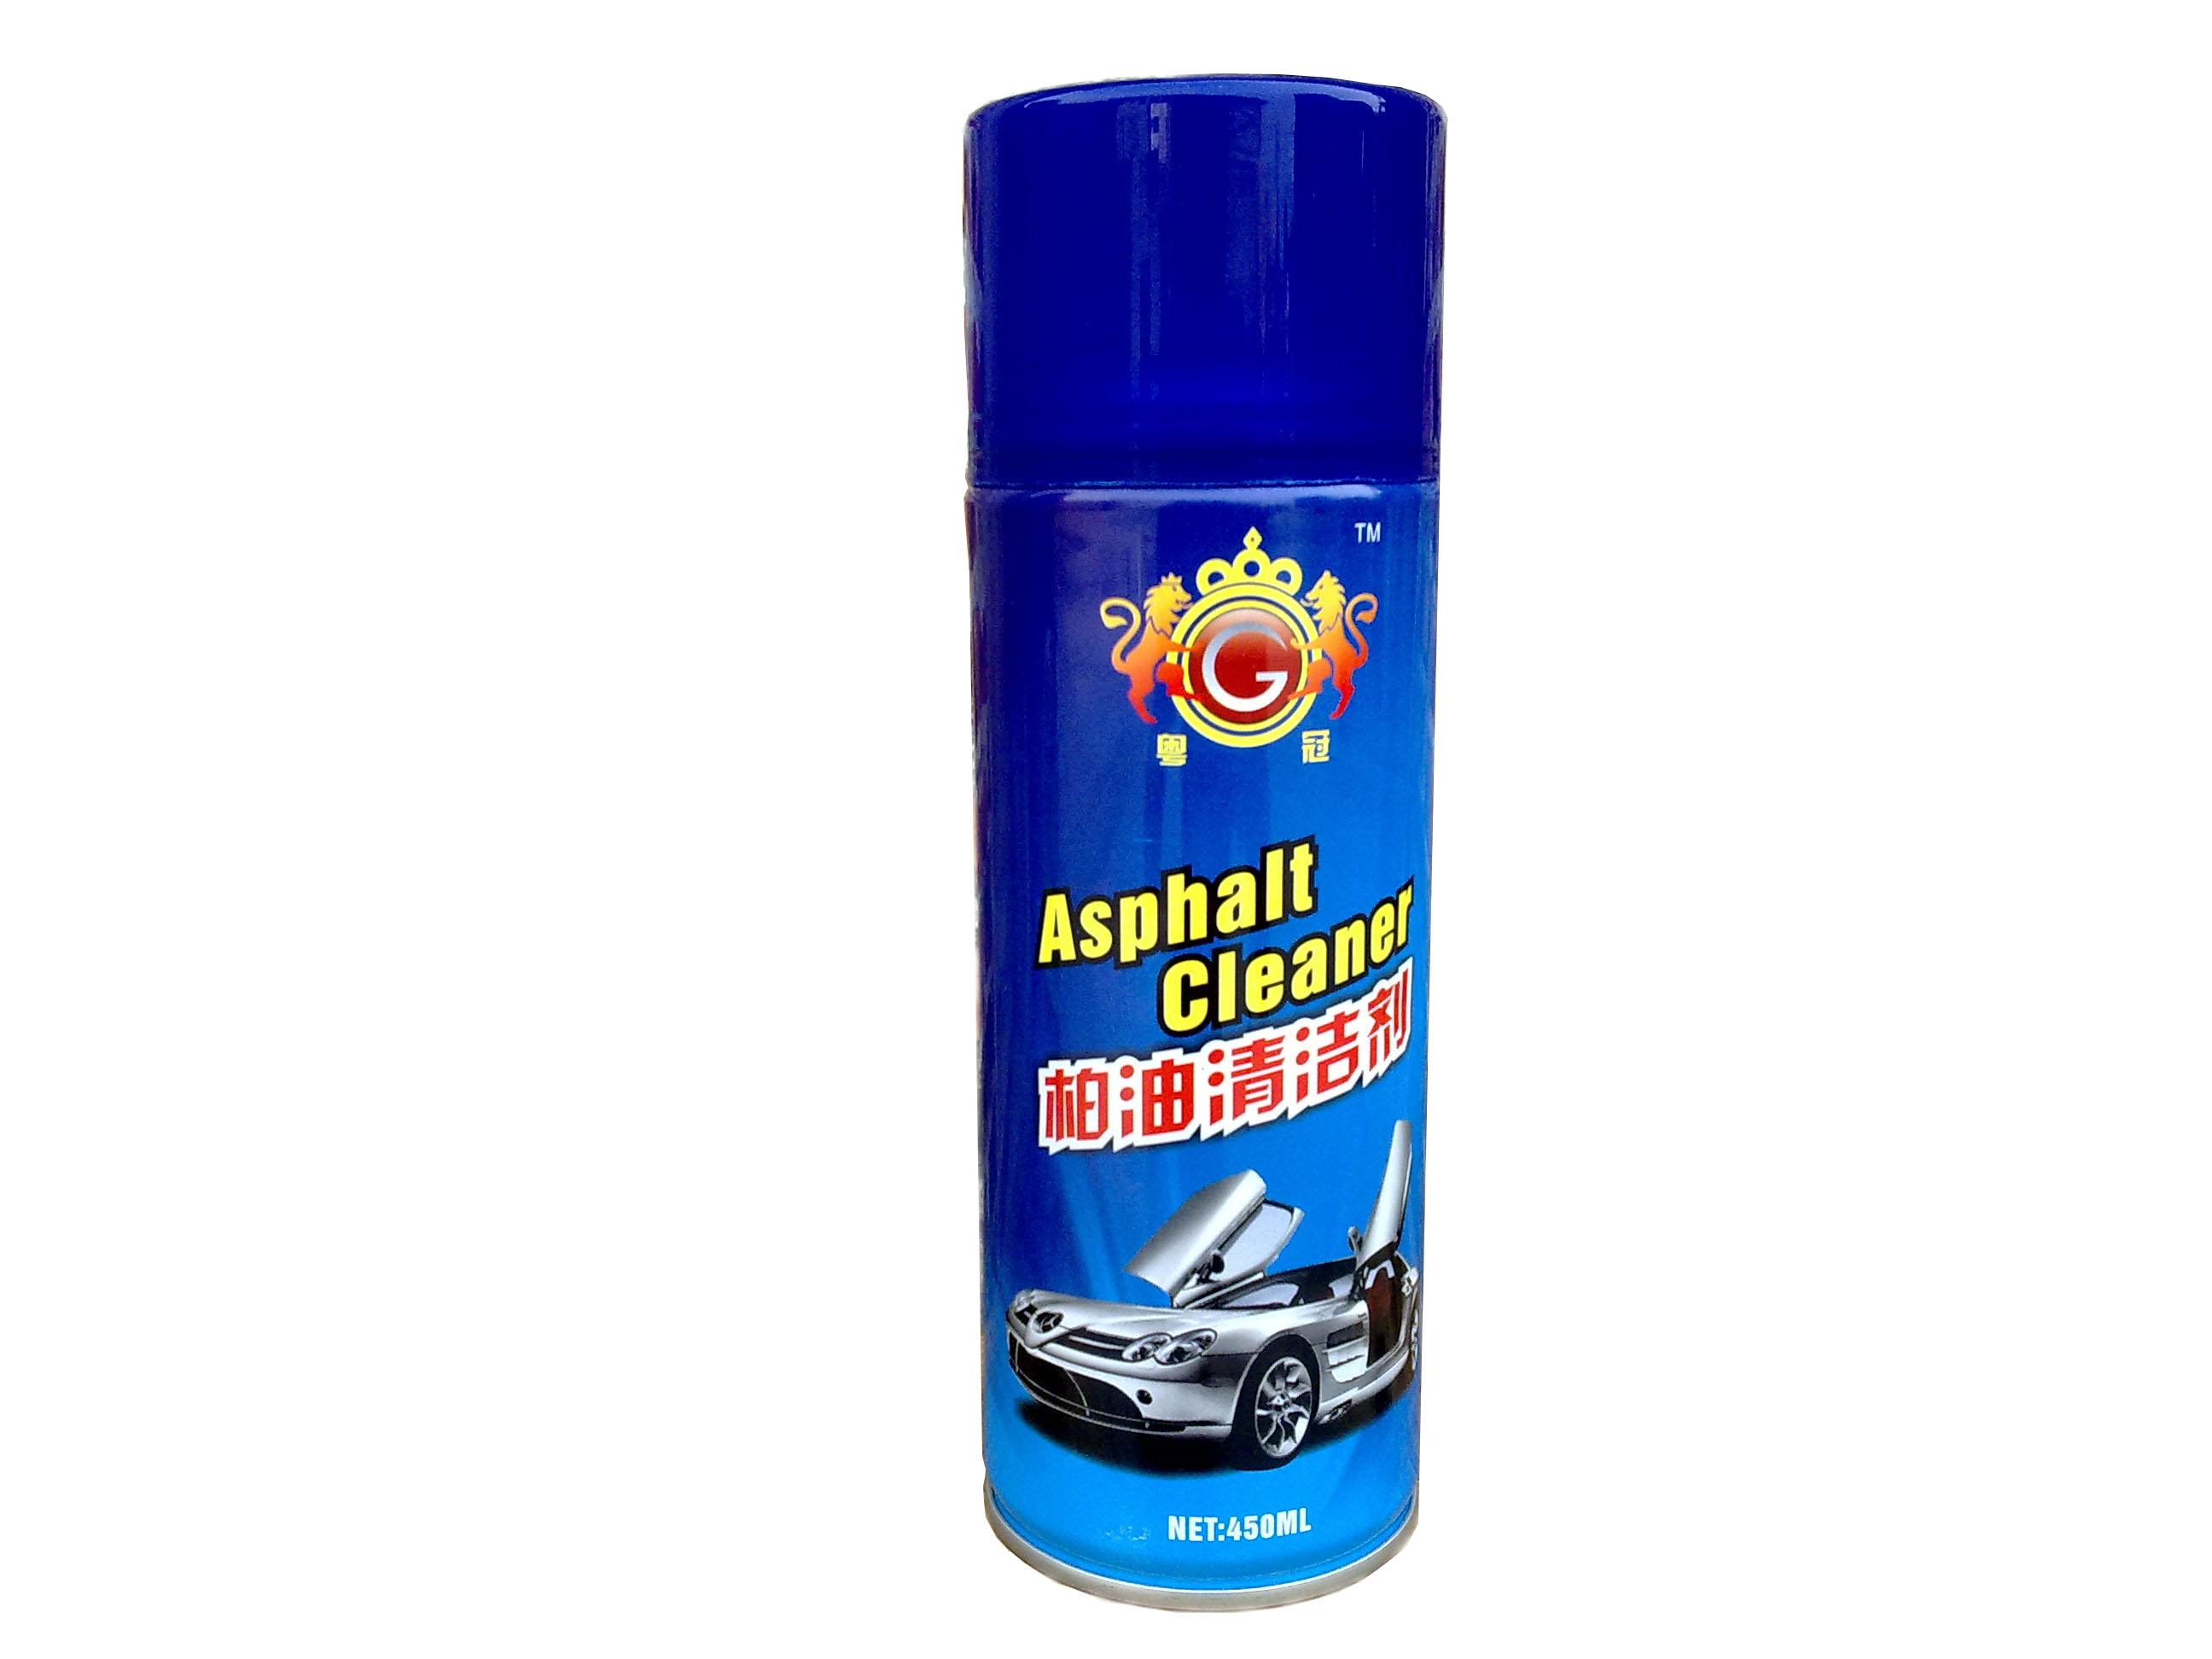 柏油清洗剂-广州粤冠汽车护理品厂提供柏油清洗剂